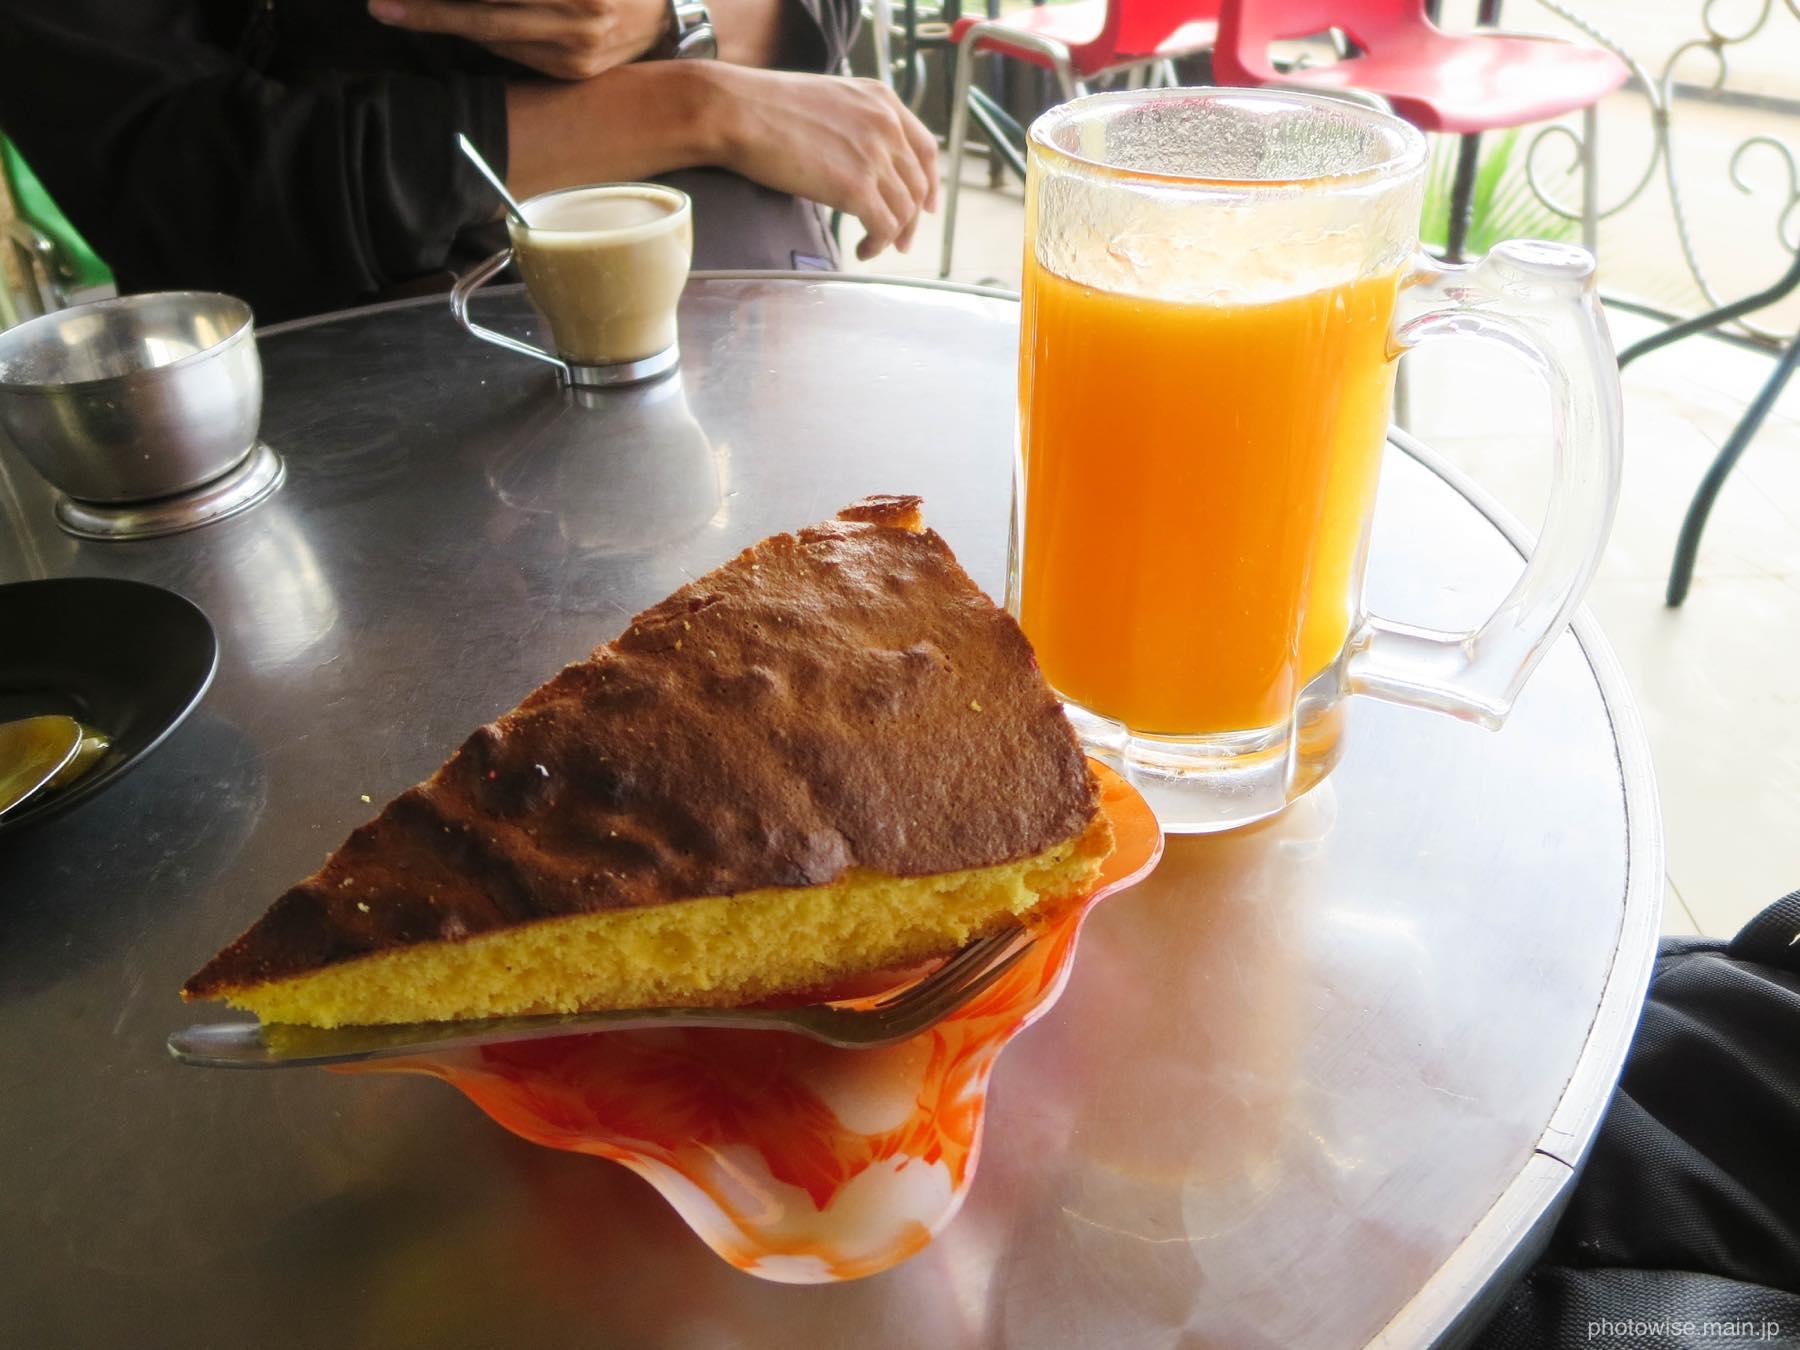 ケーキとパパイヤジュース